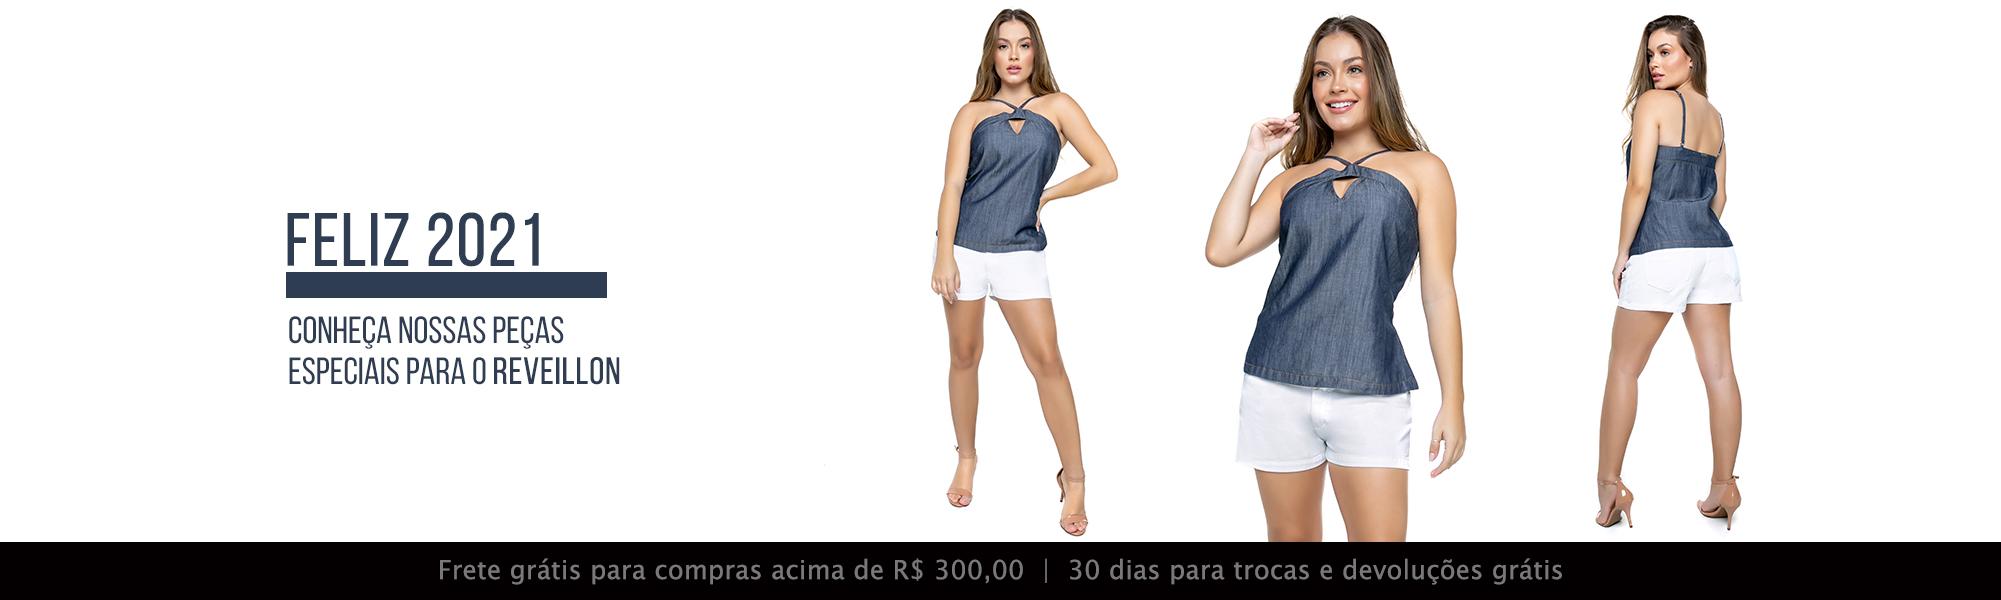 Peças-jeans-roupas-jeans-roupas-femininas-jeans